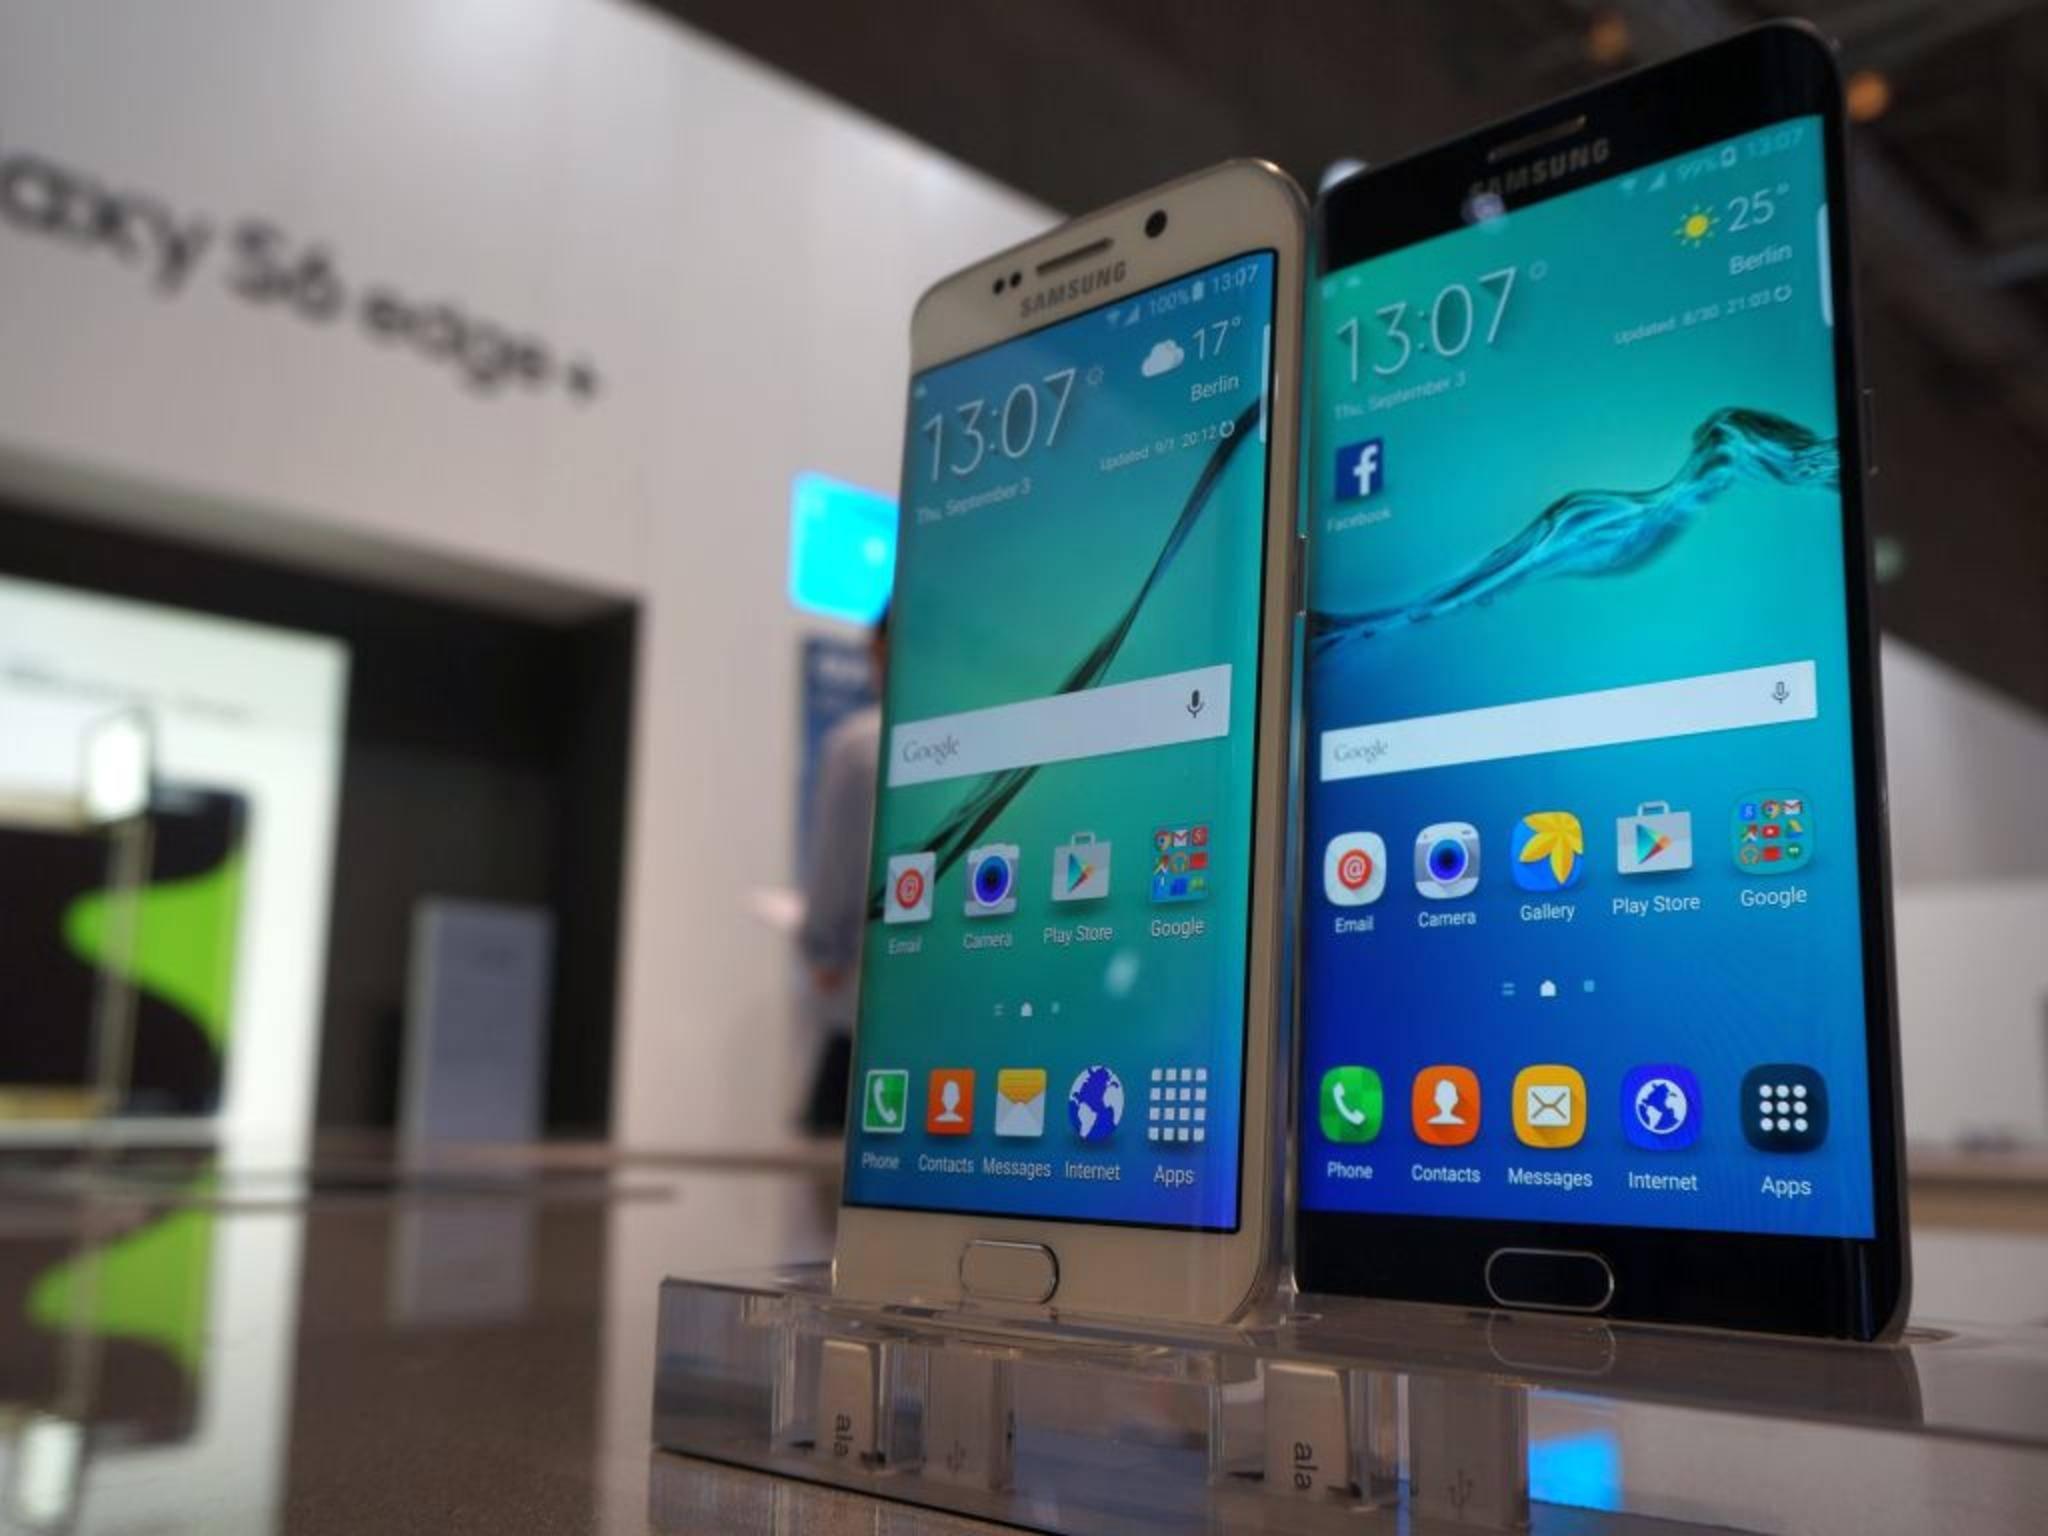 Das Galaxy S6 Edge+ bekommt natürlich auch Android 6.0.